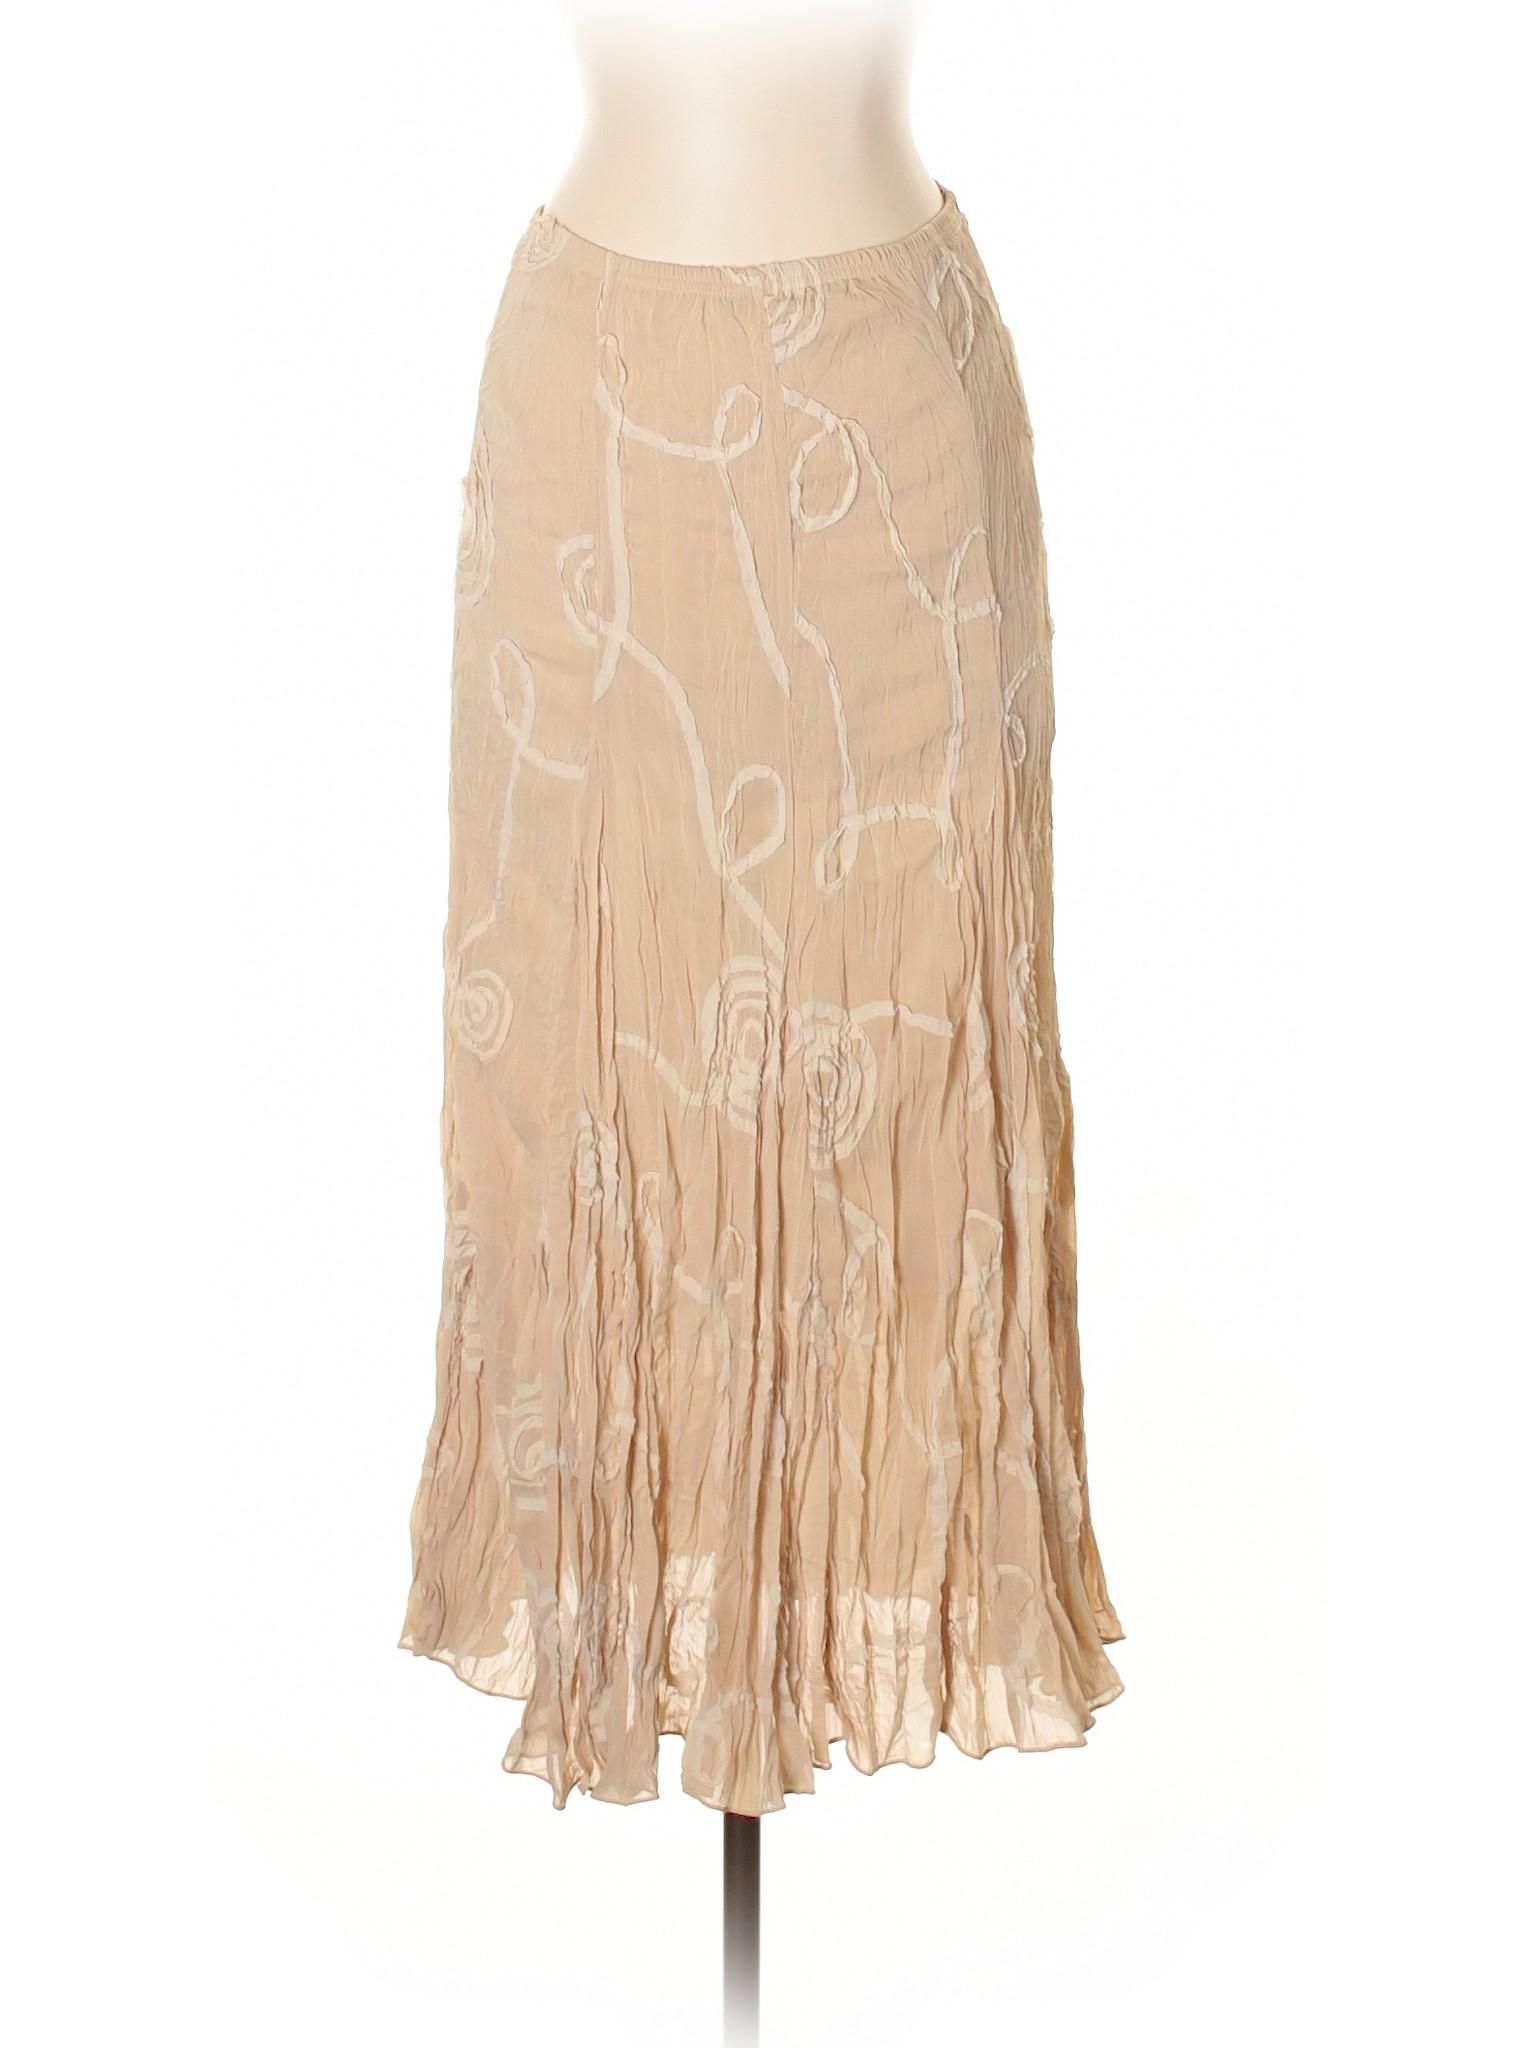 Boutique Skirt Boutique Casual Casual 5wxt0qZqH